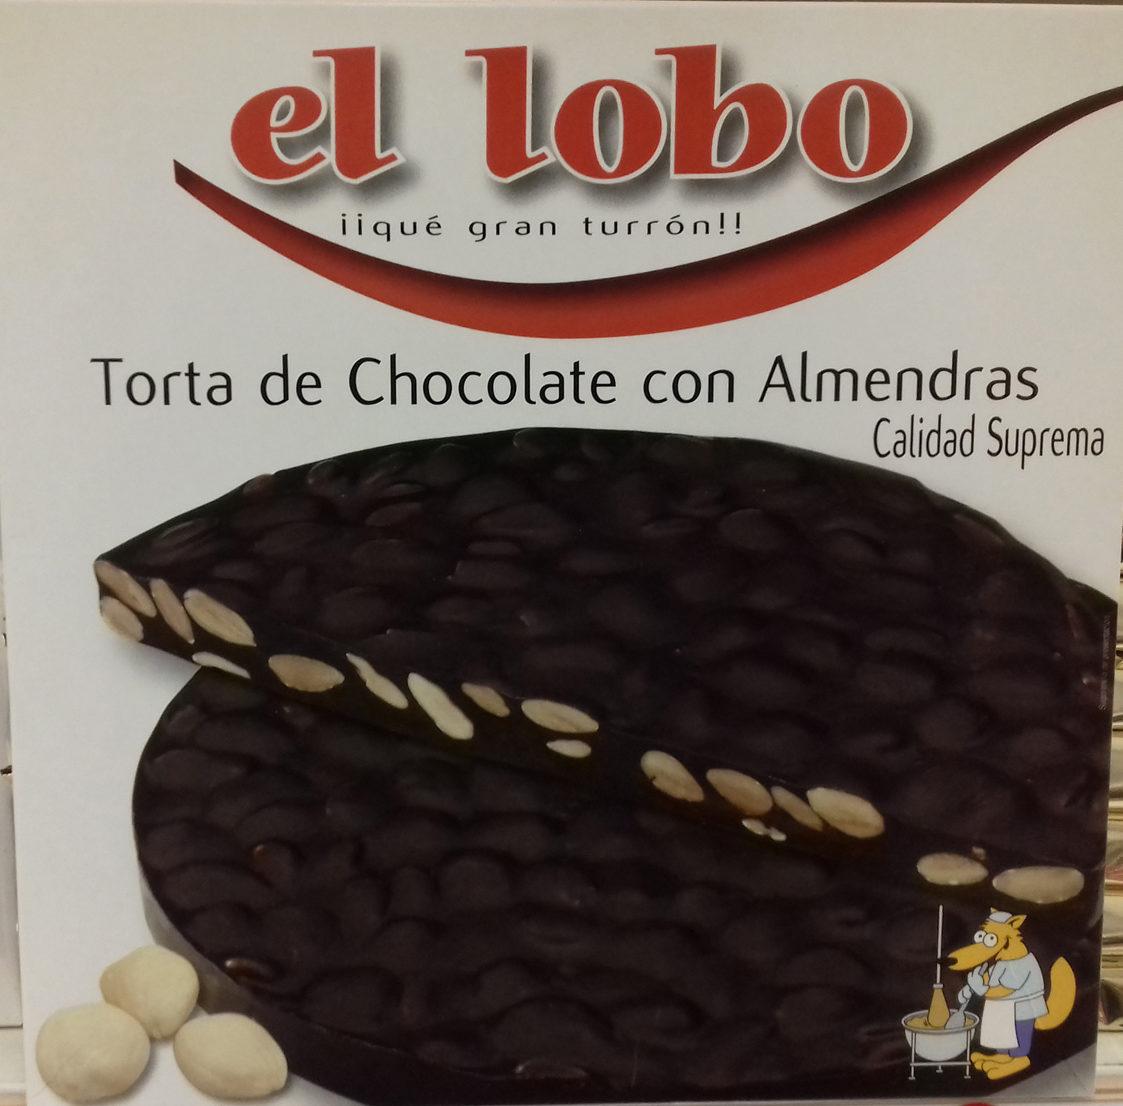 Torta de Chocolate con Almendras - El Lobo - 200 g